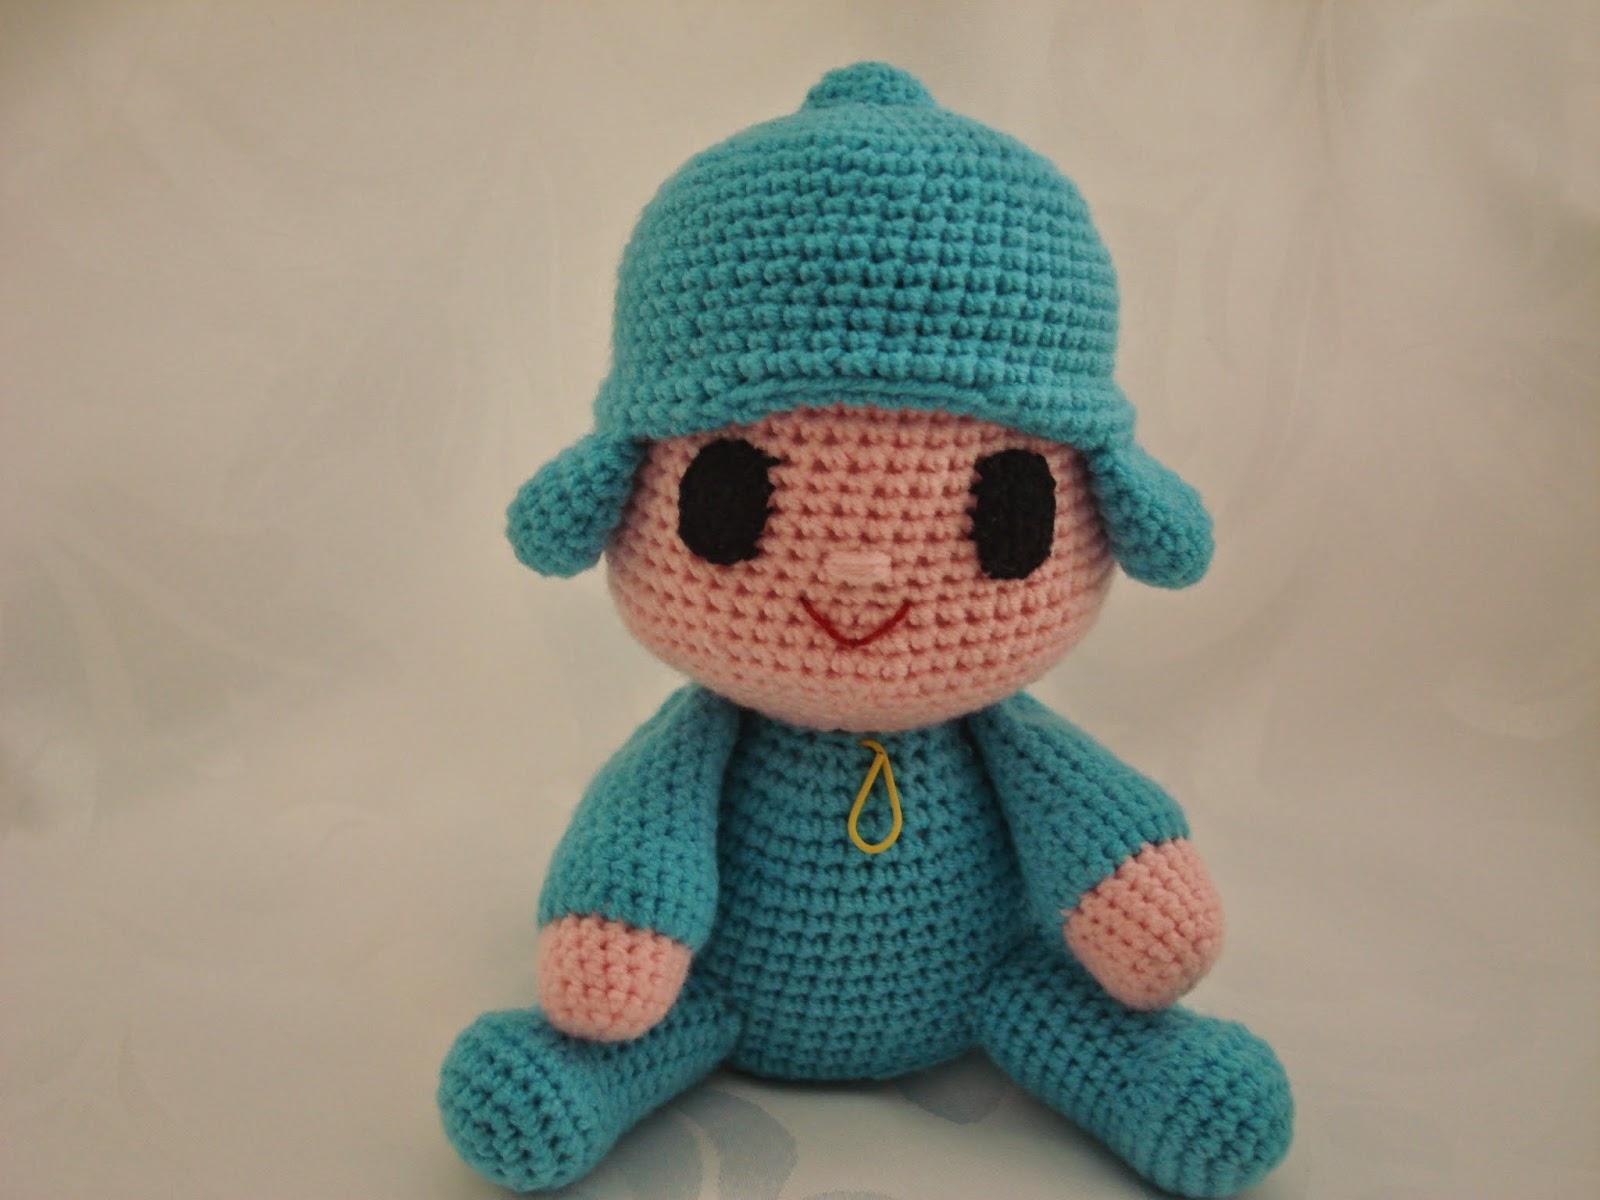 Amigurumi Single Crochet : CANAL CROCHET: Pocoyo amigurumi patron libre